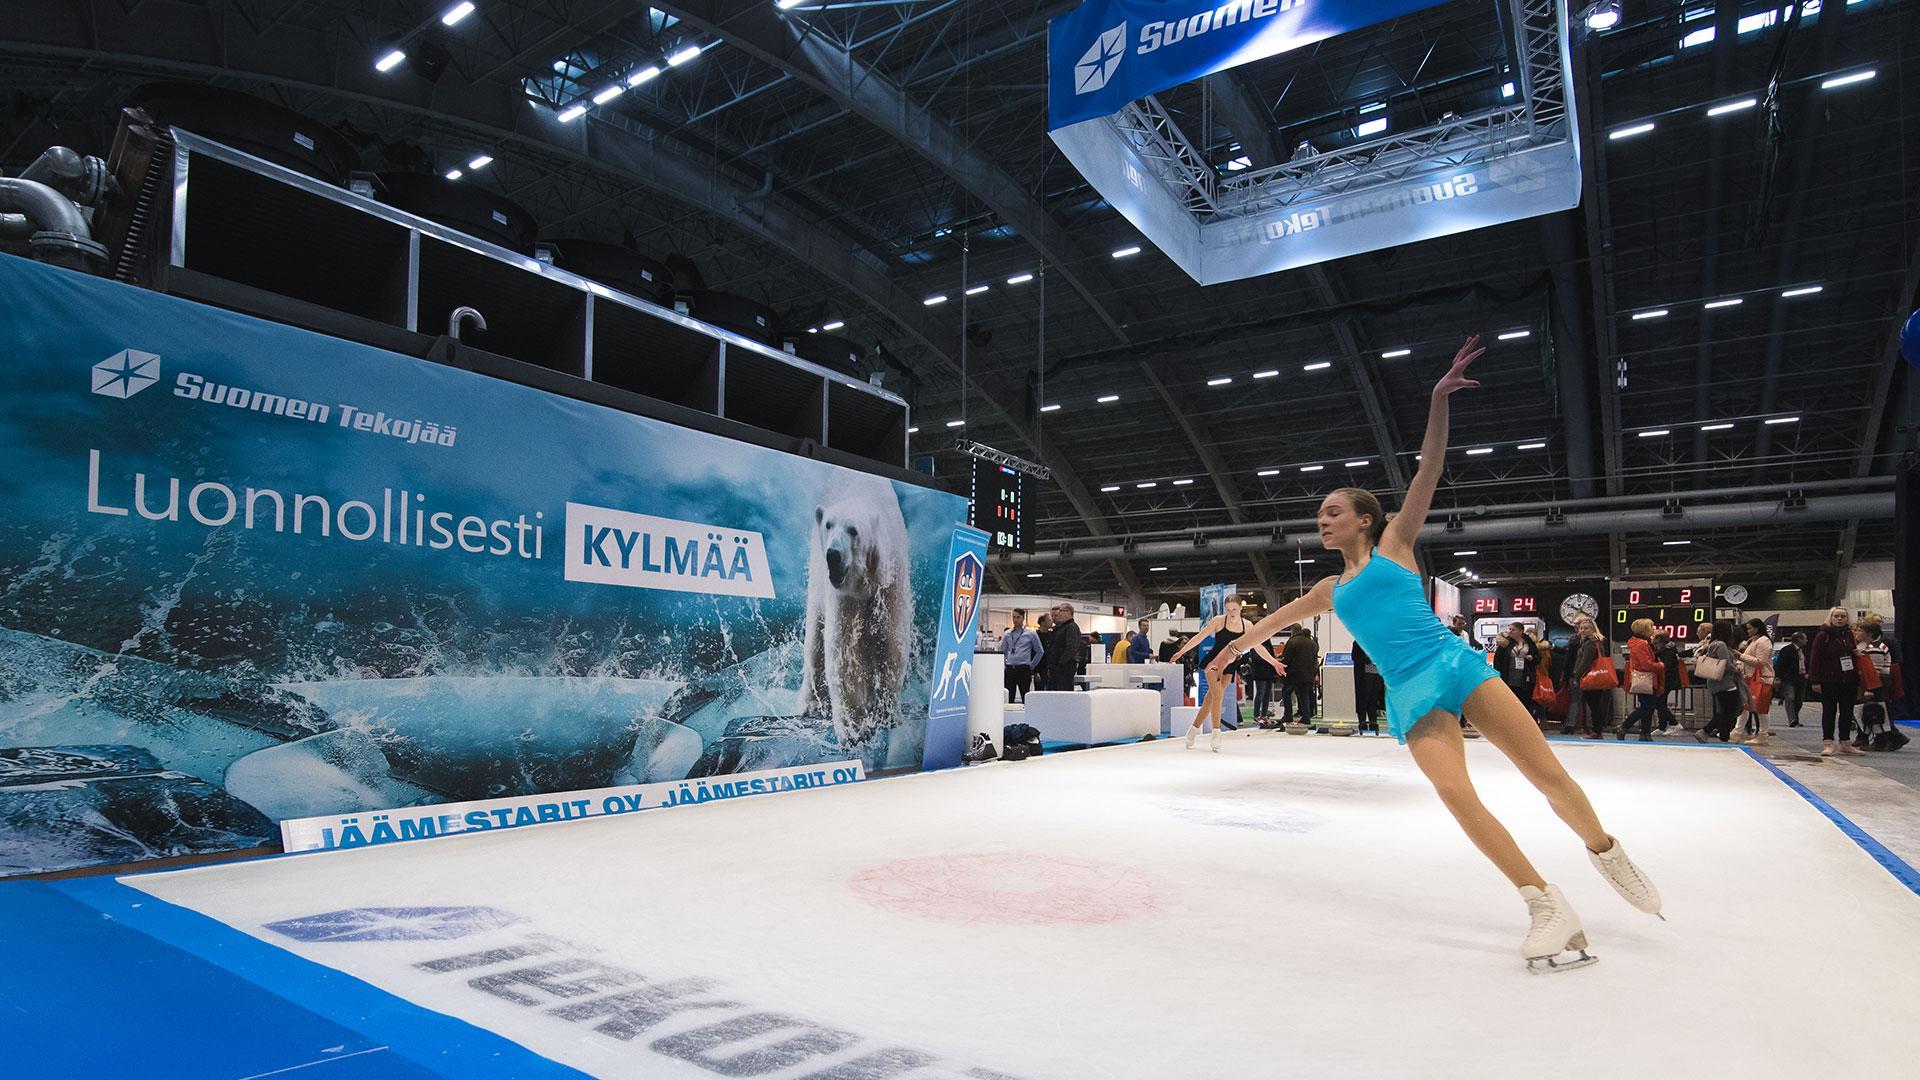 Suomen Tekojää Oy valmisti aidon jääalueen Sportec-messuille maaliskuussa 2019. Creative Crue vastasi messuosaston suunnittelusta. Jäätekniikkakontin ulkoseinät hyödynnettiin suurina kuvapintoina.